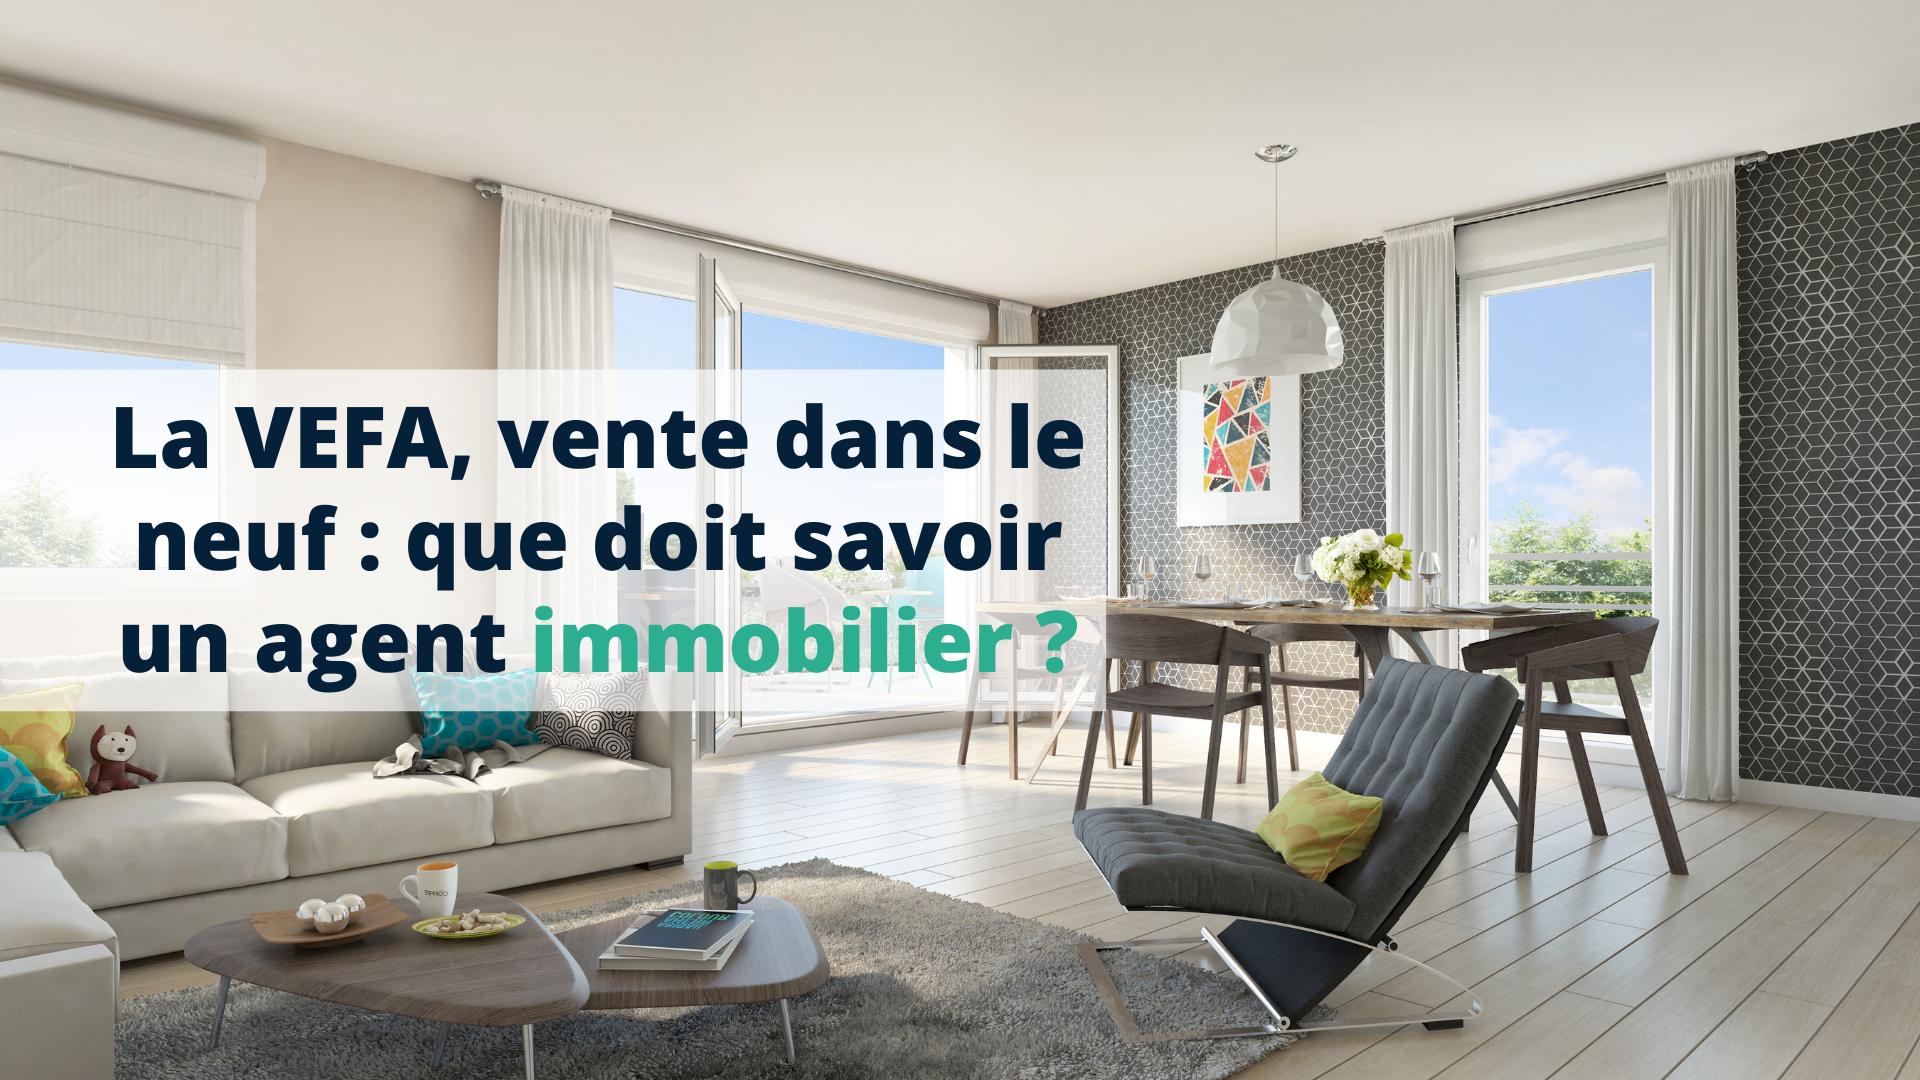 La VEFA vente dans le neuf que doit savoir un agent immobilier ? - Start Learning